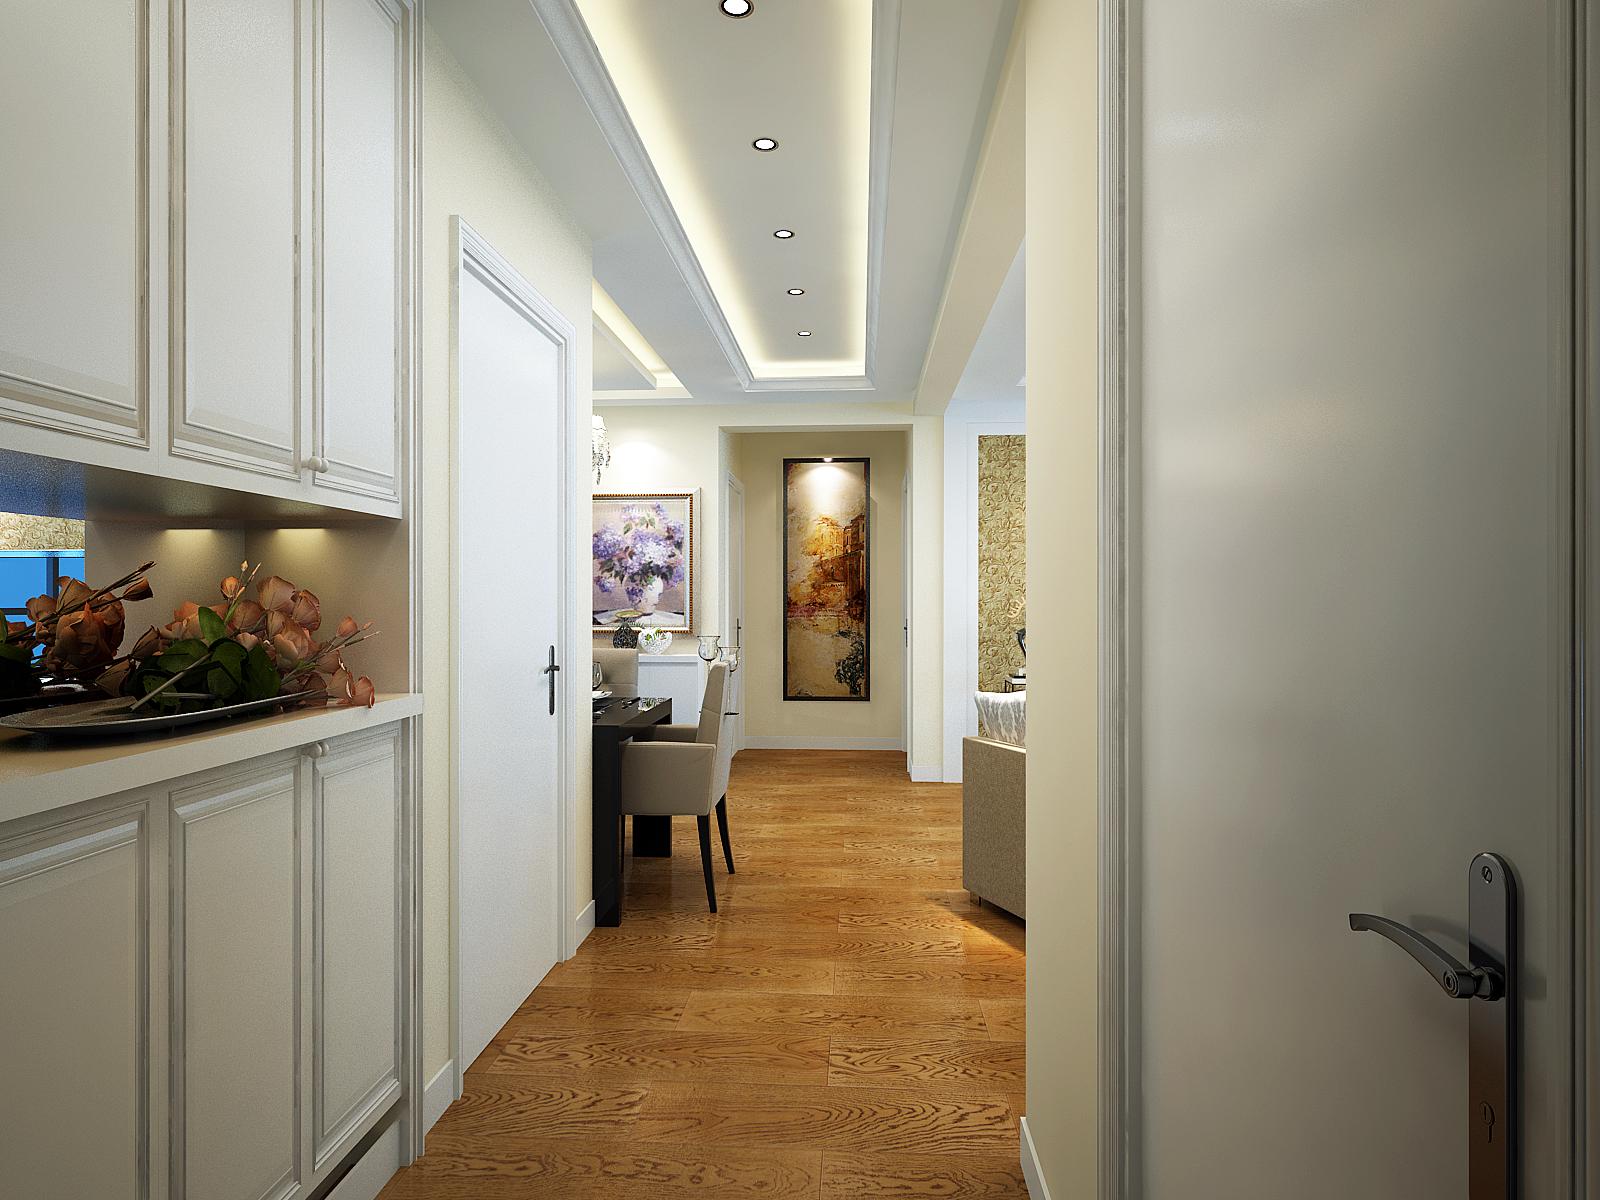 简约 三居 80后 白领 玄关图片来自装饰装修-18818806853在海珠湖景峰简清新简约风格的分享